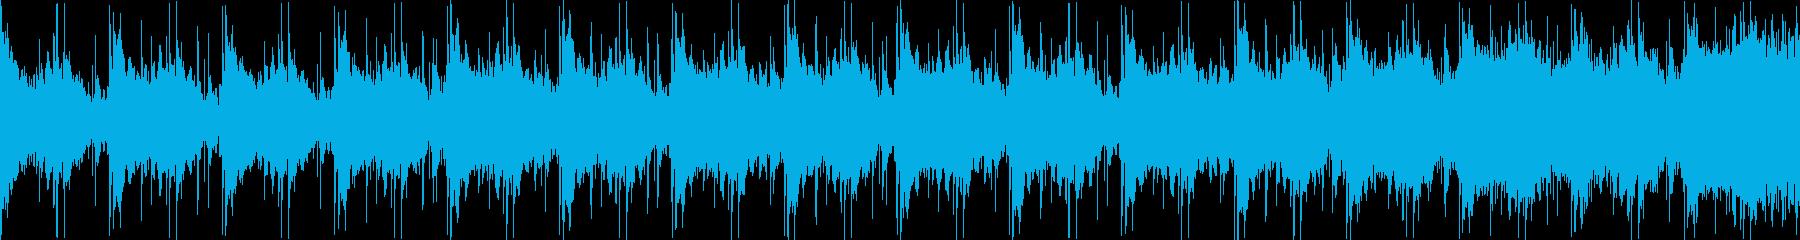 冷たいダンジョンぽい曲 ループバージョンの再生済みの波形